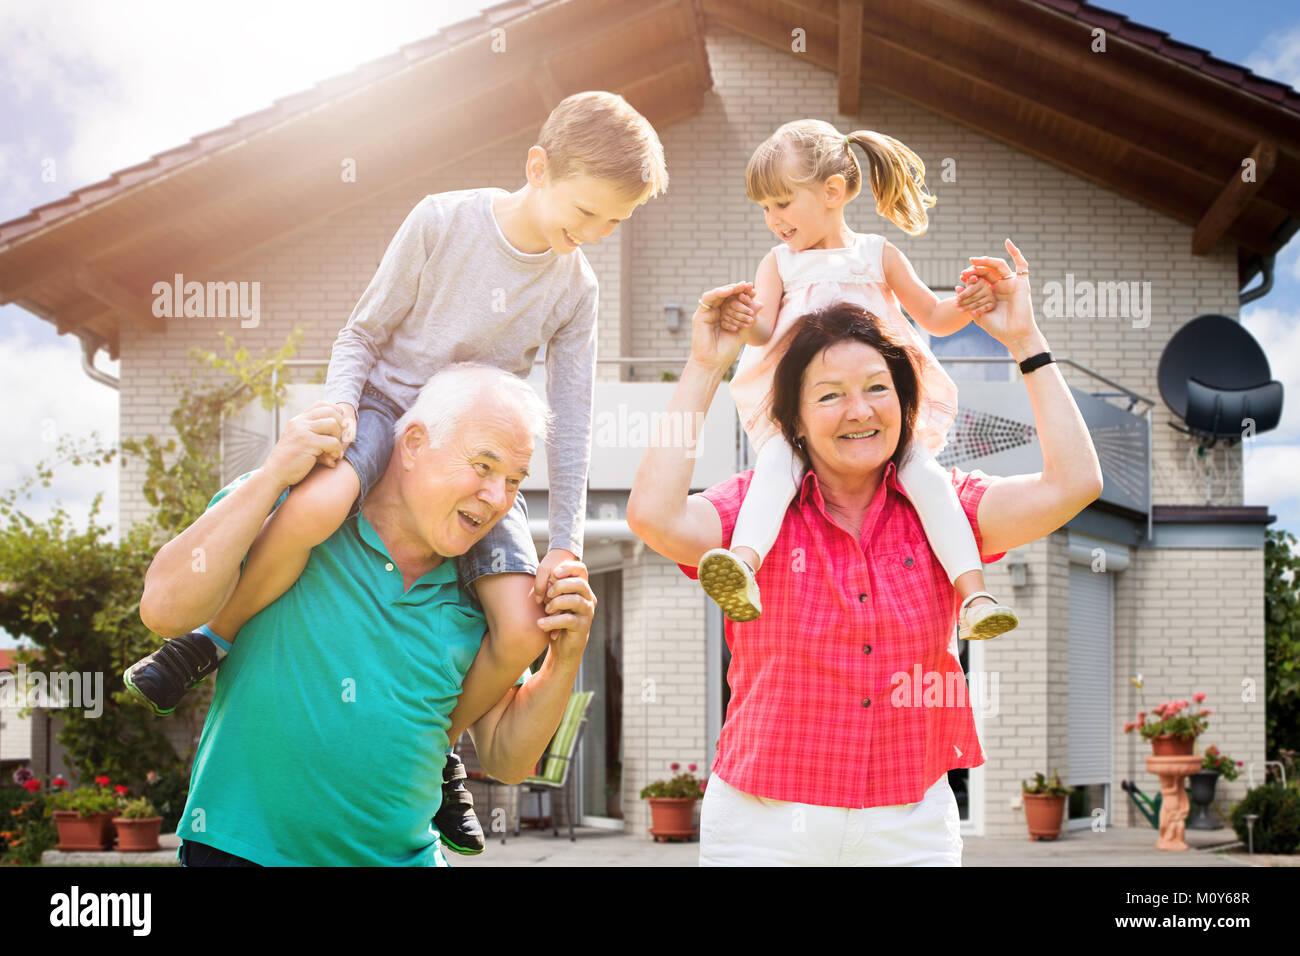 Lächelnd Enkelkinder sitzen auf der Großeltern Schulter außerhalb Ihres Hauses genießen. Stockbild